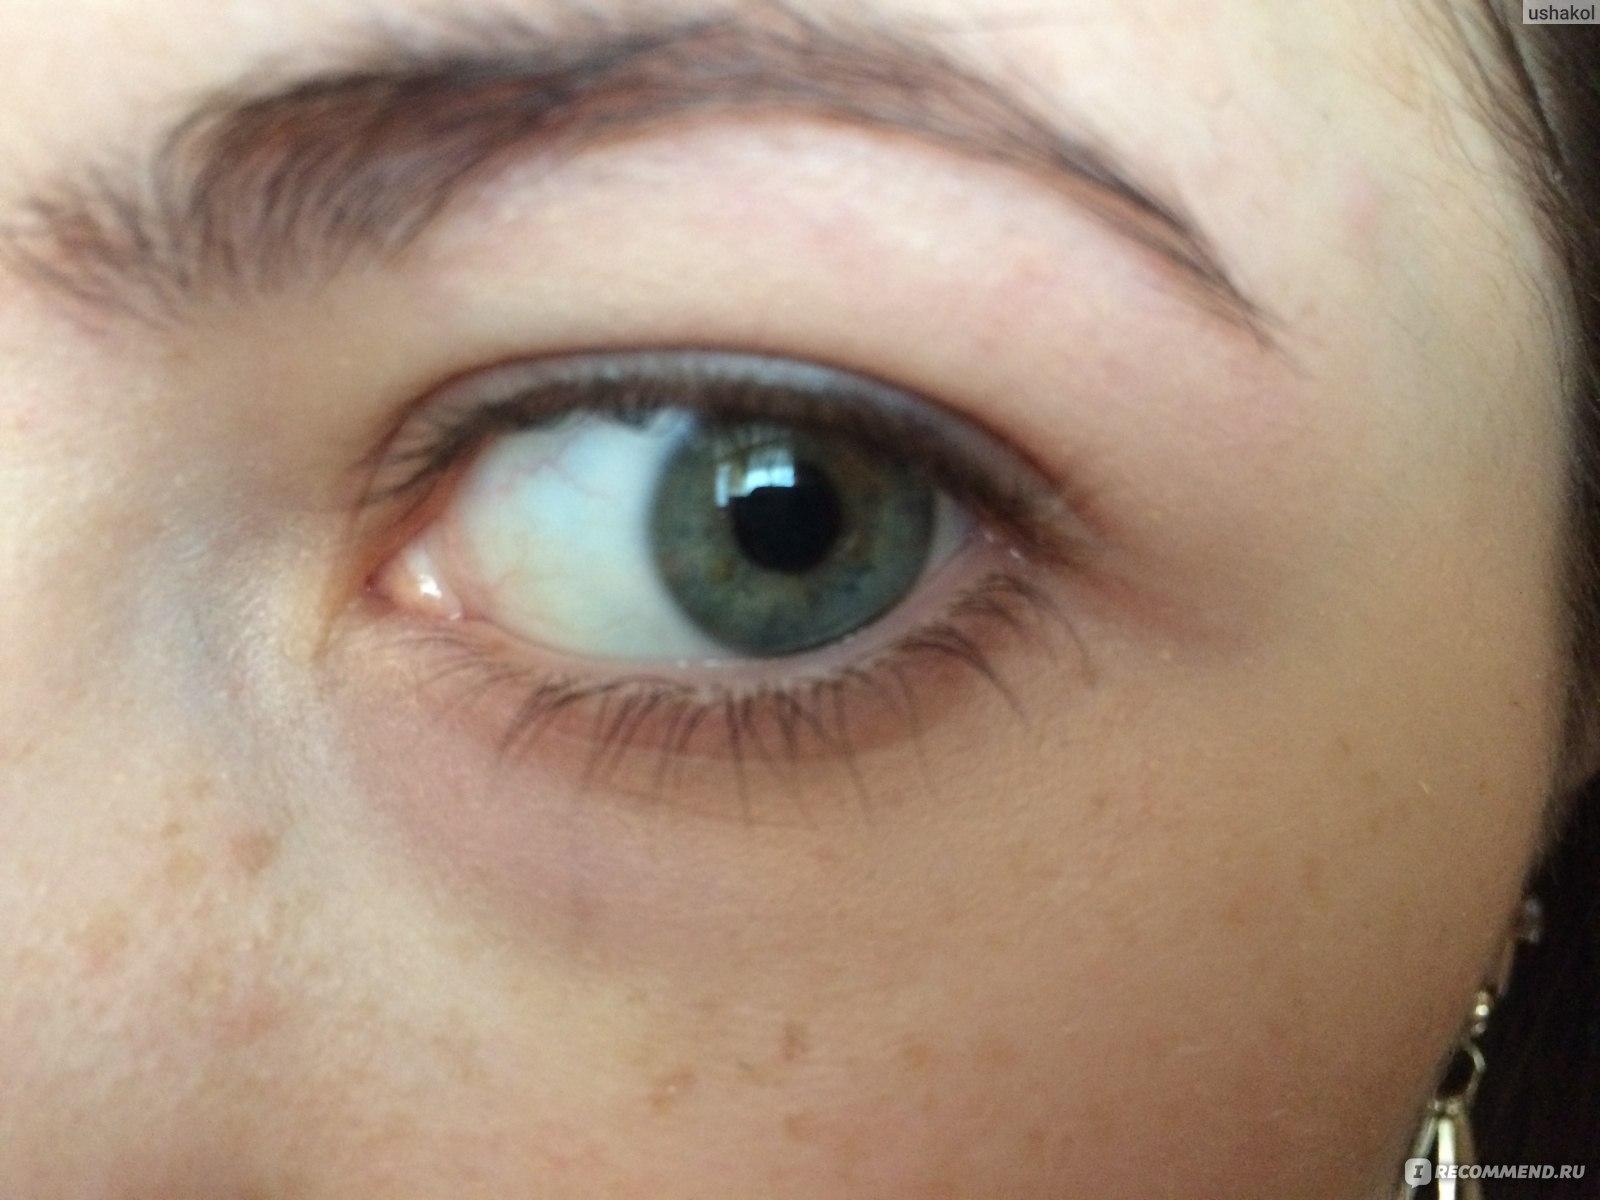 Для этих целей у меня специальный корректор для глазок от живанши, на тон светлее кожи.